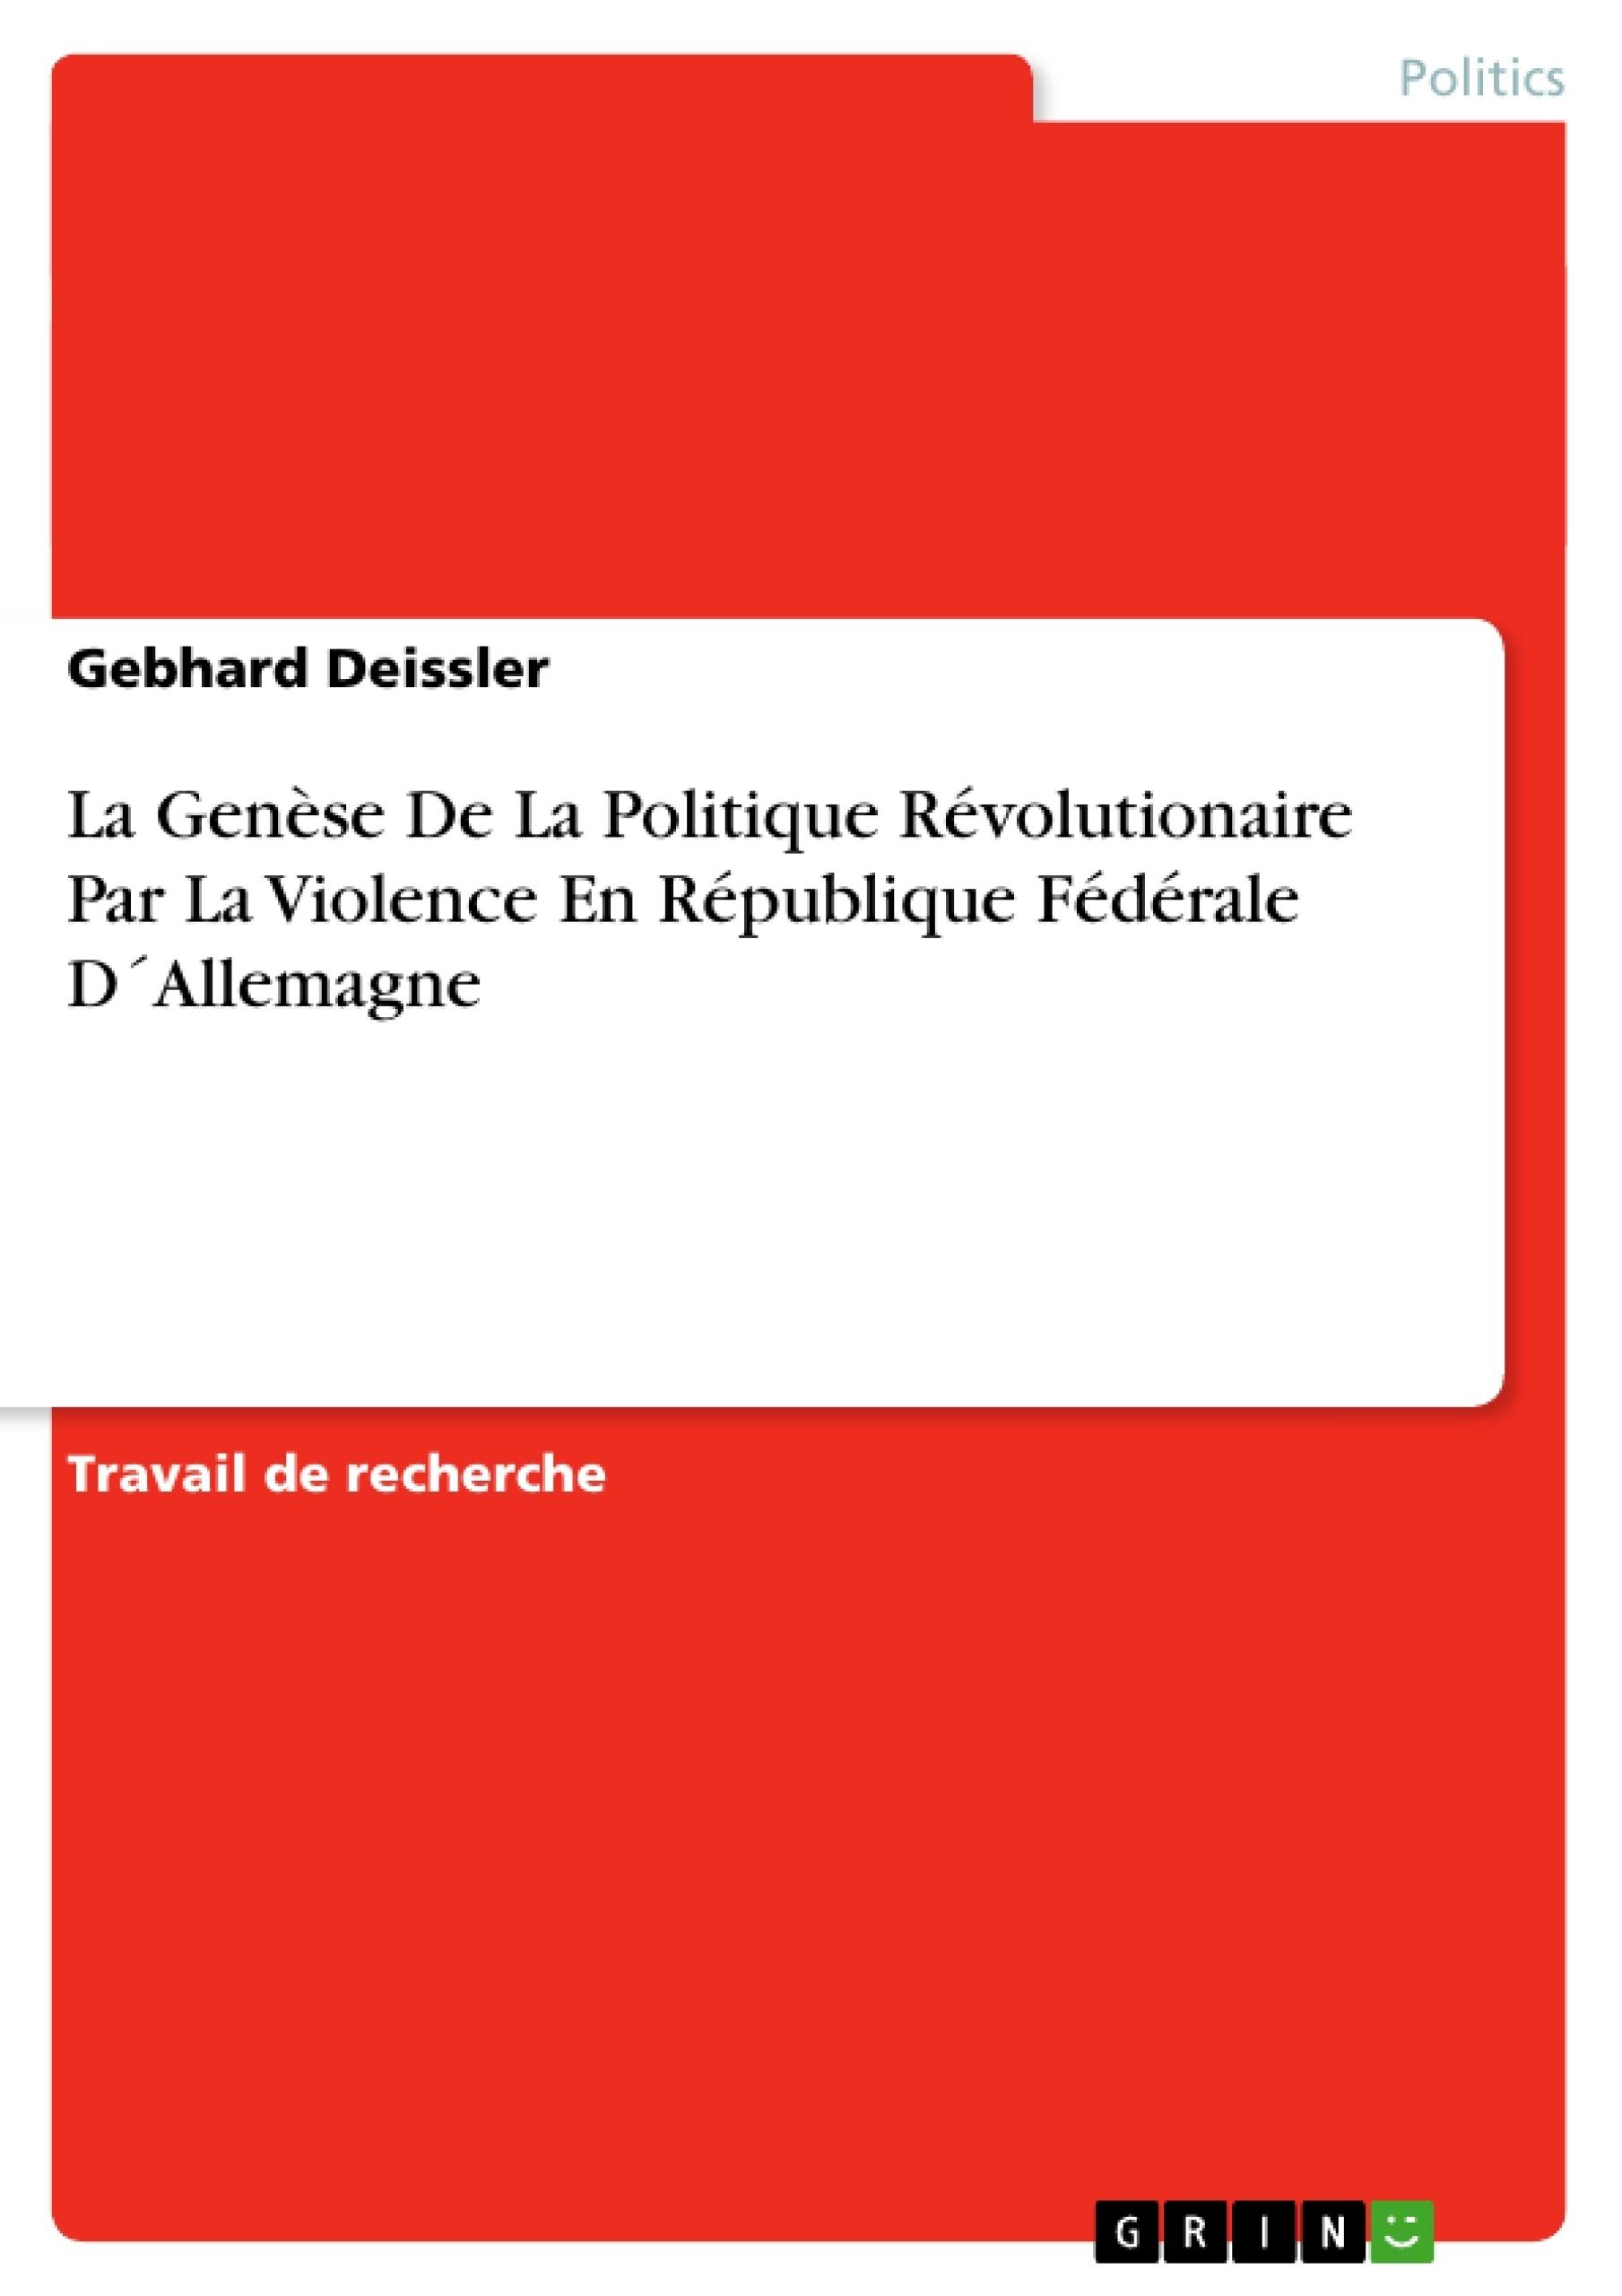 Titre: La Genèse De La Politique Révolutionaire Par La Violence En République Fédérale D´Allemagne